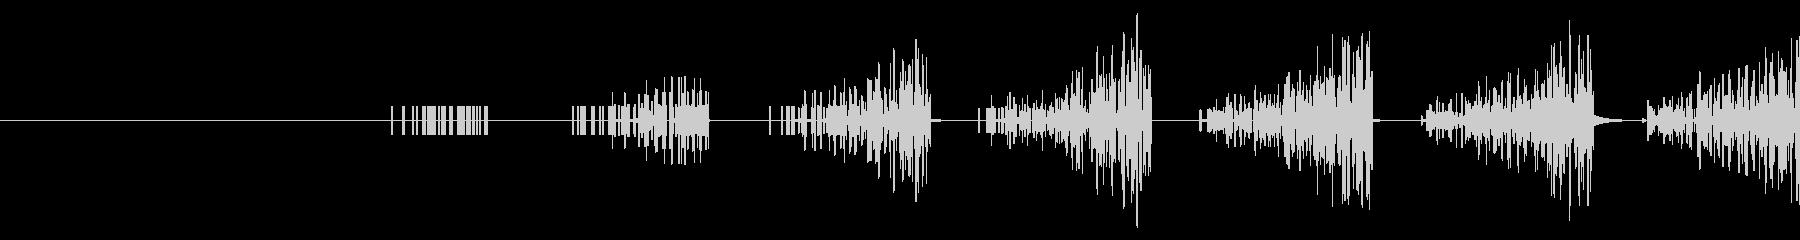 ザザザザザッ(ゲーム系の逃走音)の未再生の波形